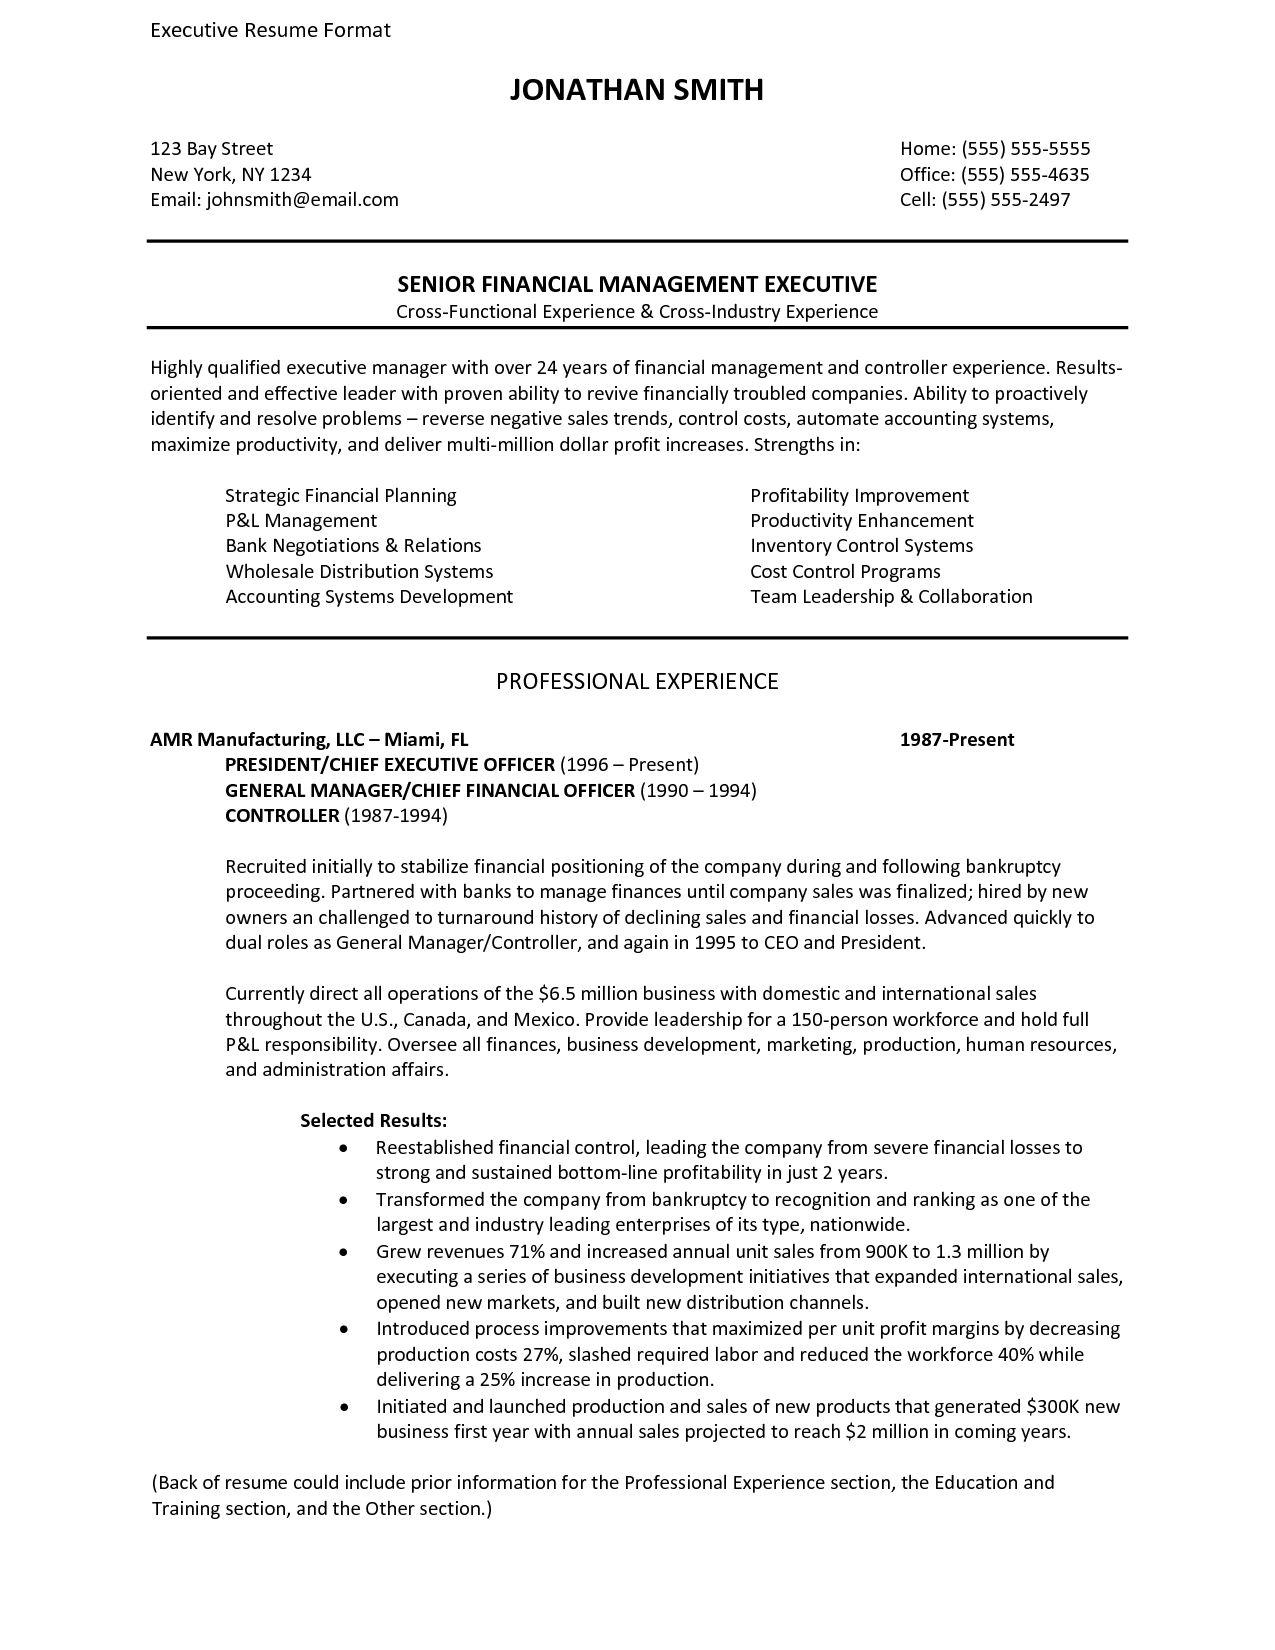 Resume CV Cover Letter Medium Size Of Resumesample Cover Letter